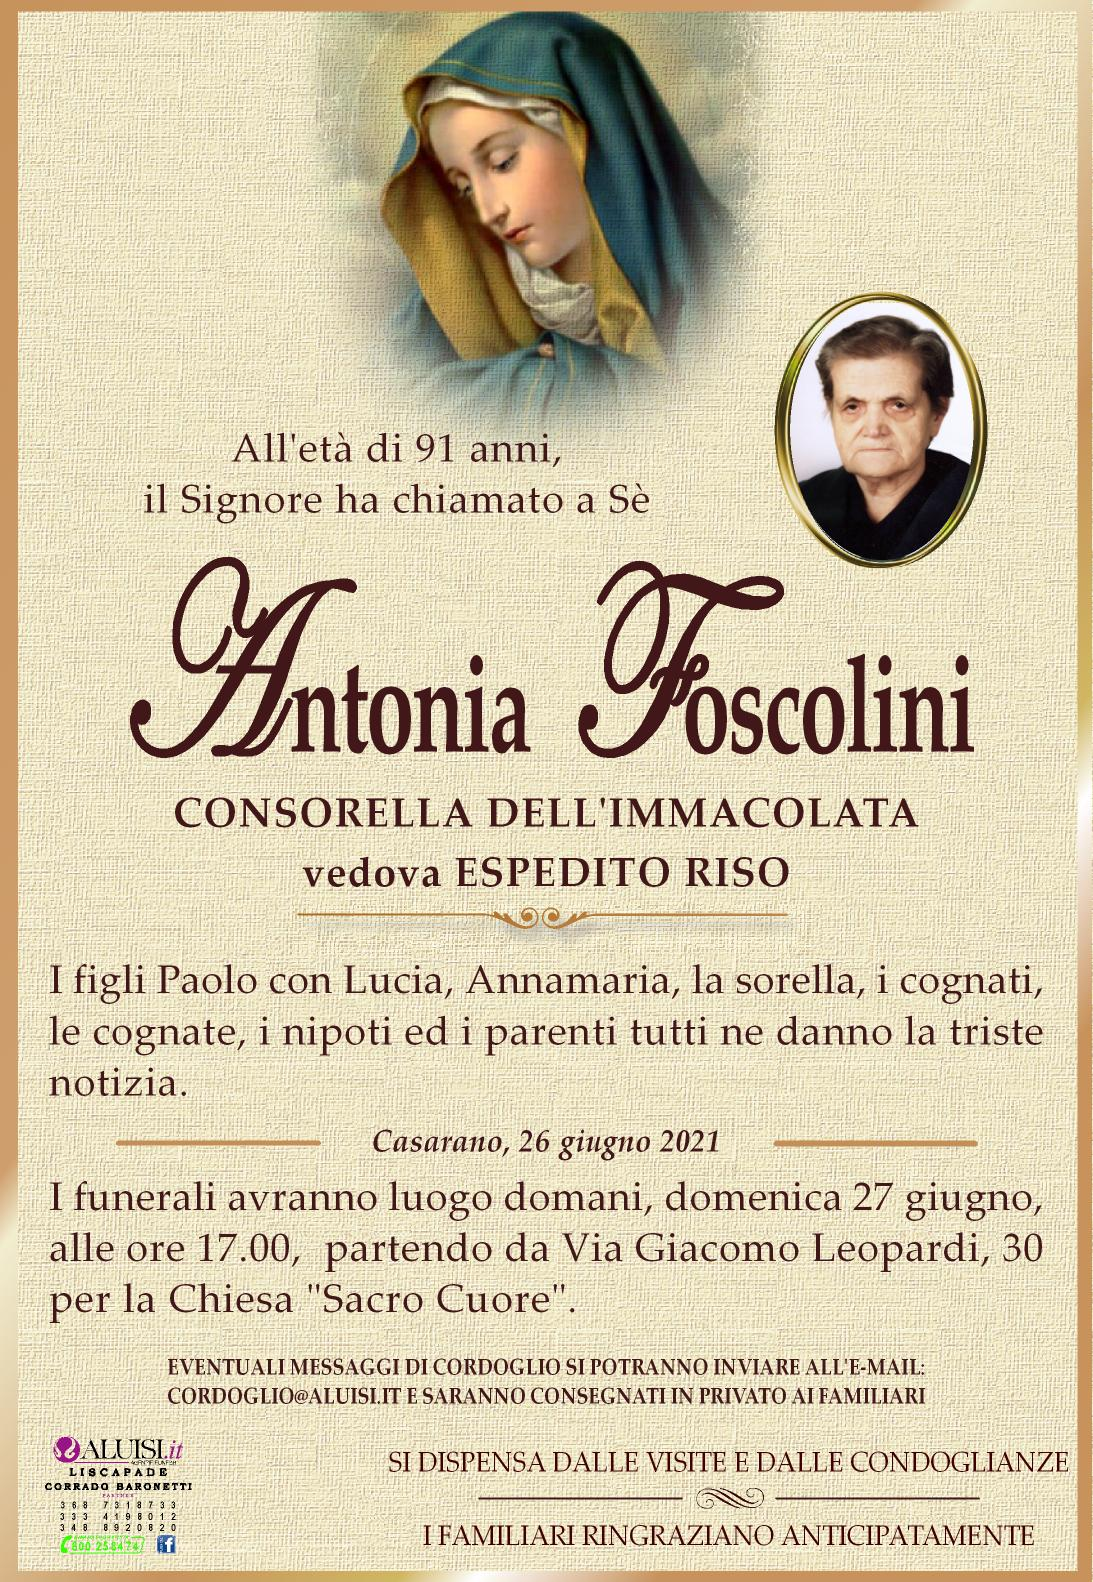 Annuncio-ANTONIA-FOSCOLINI-CASARANO.jpg